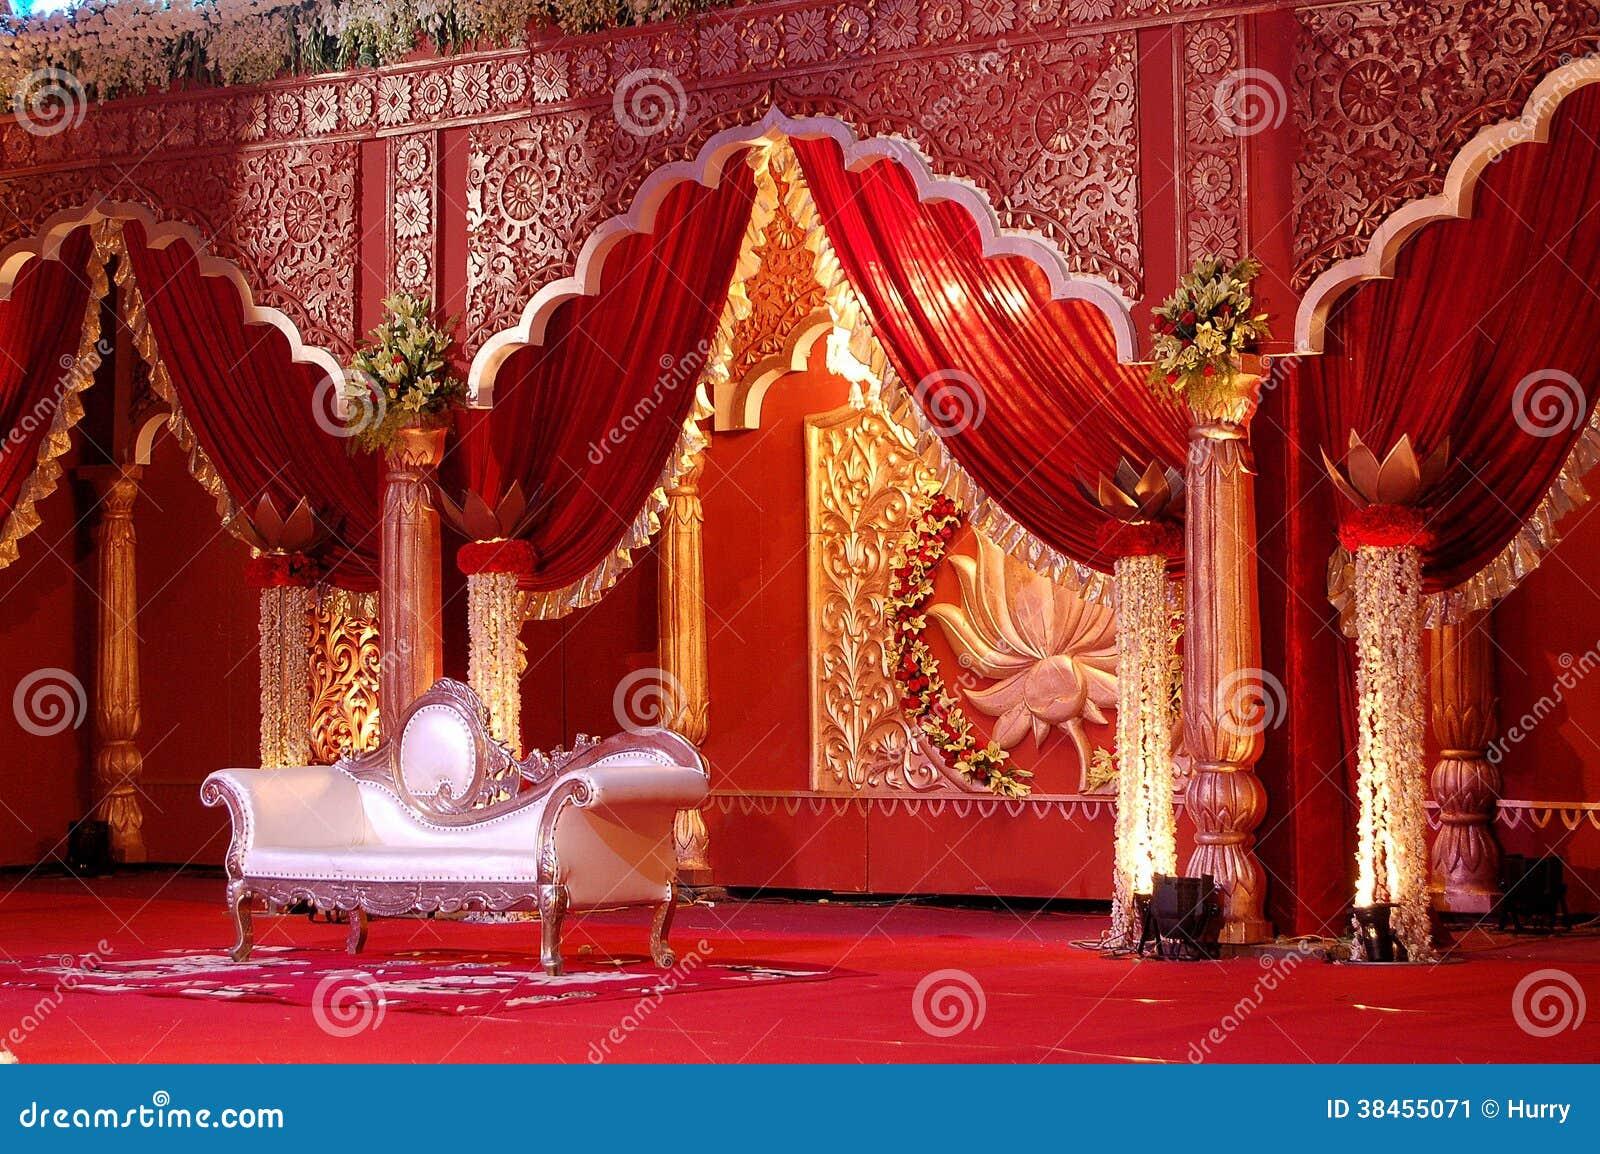 Indian wedding stage mandap stock image image 38455071 for Decor india jaipur